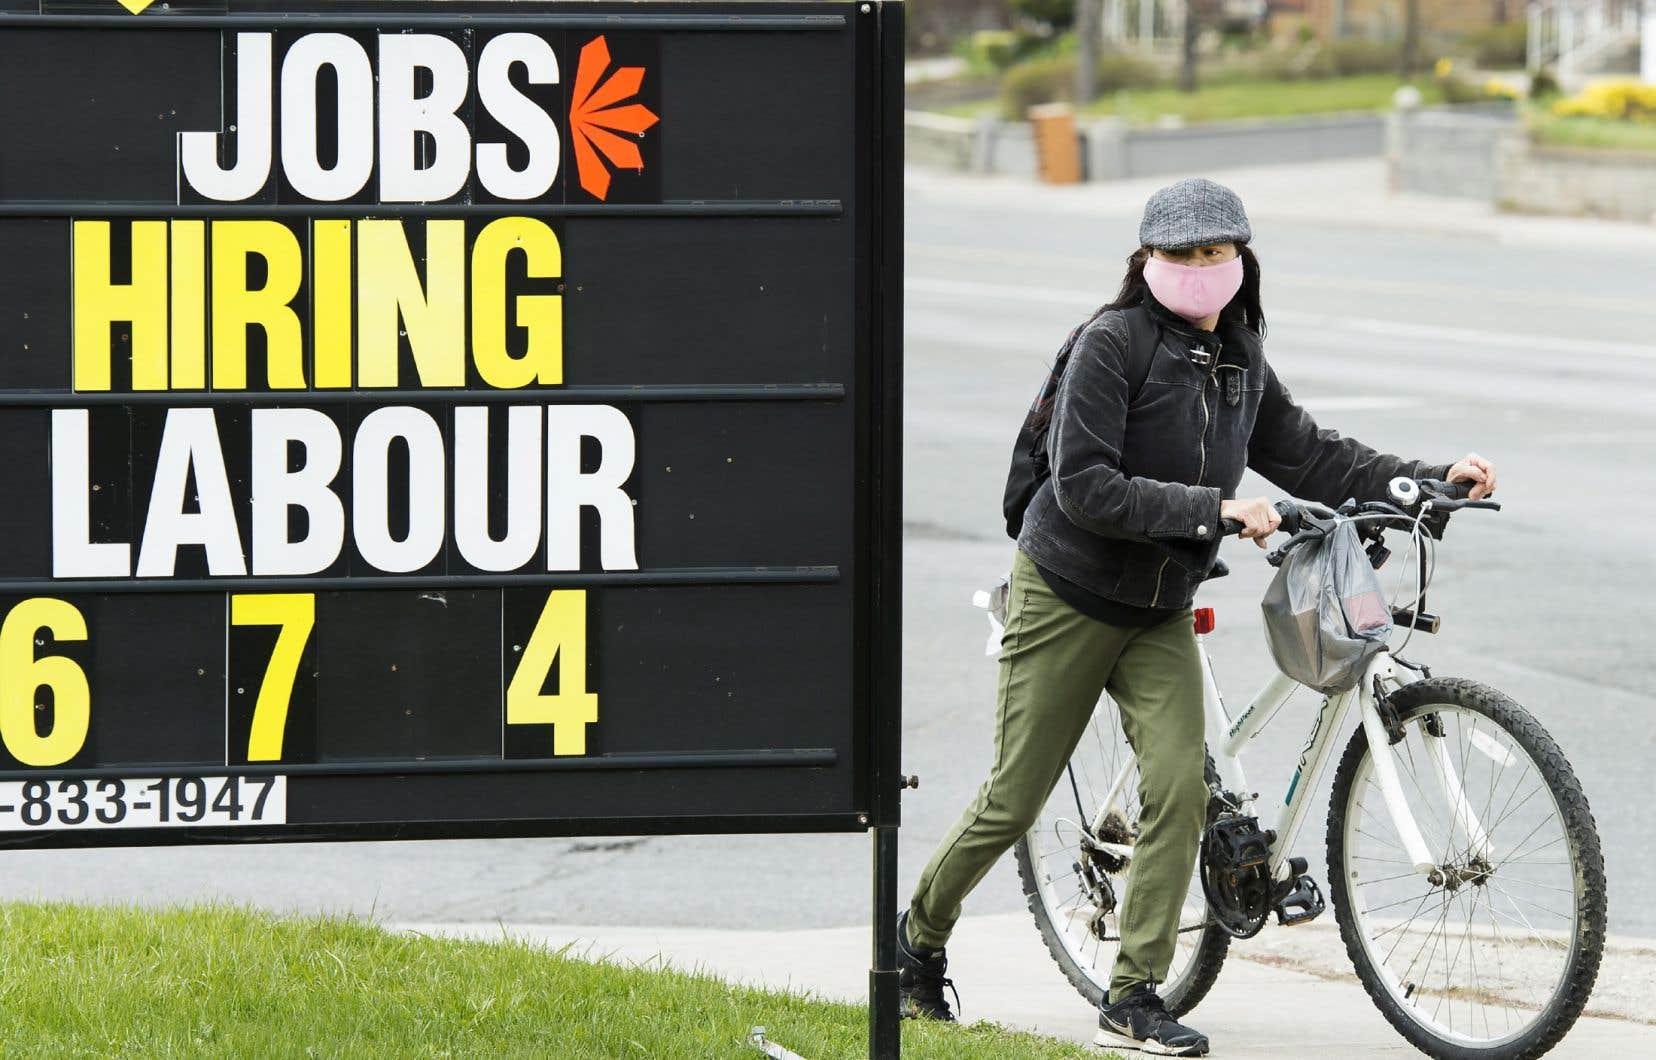 Au Canada, les jeunes de 15 à 24 ans connaissent un taux de chômage de 27%.